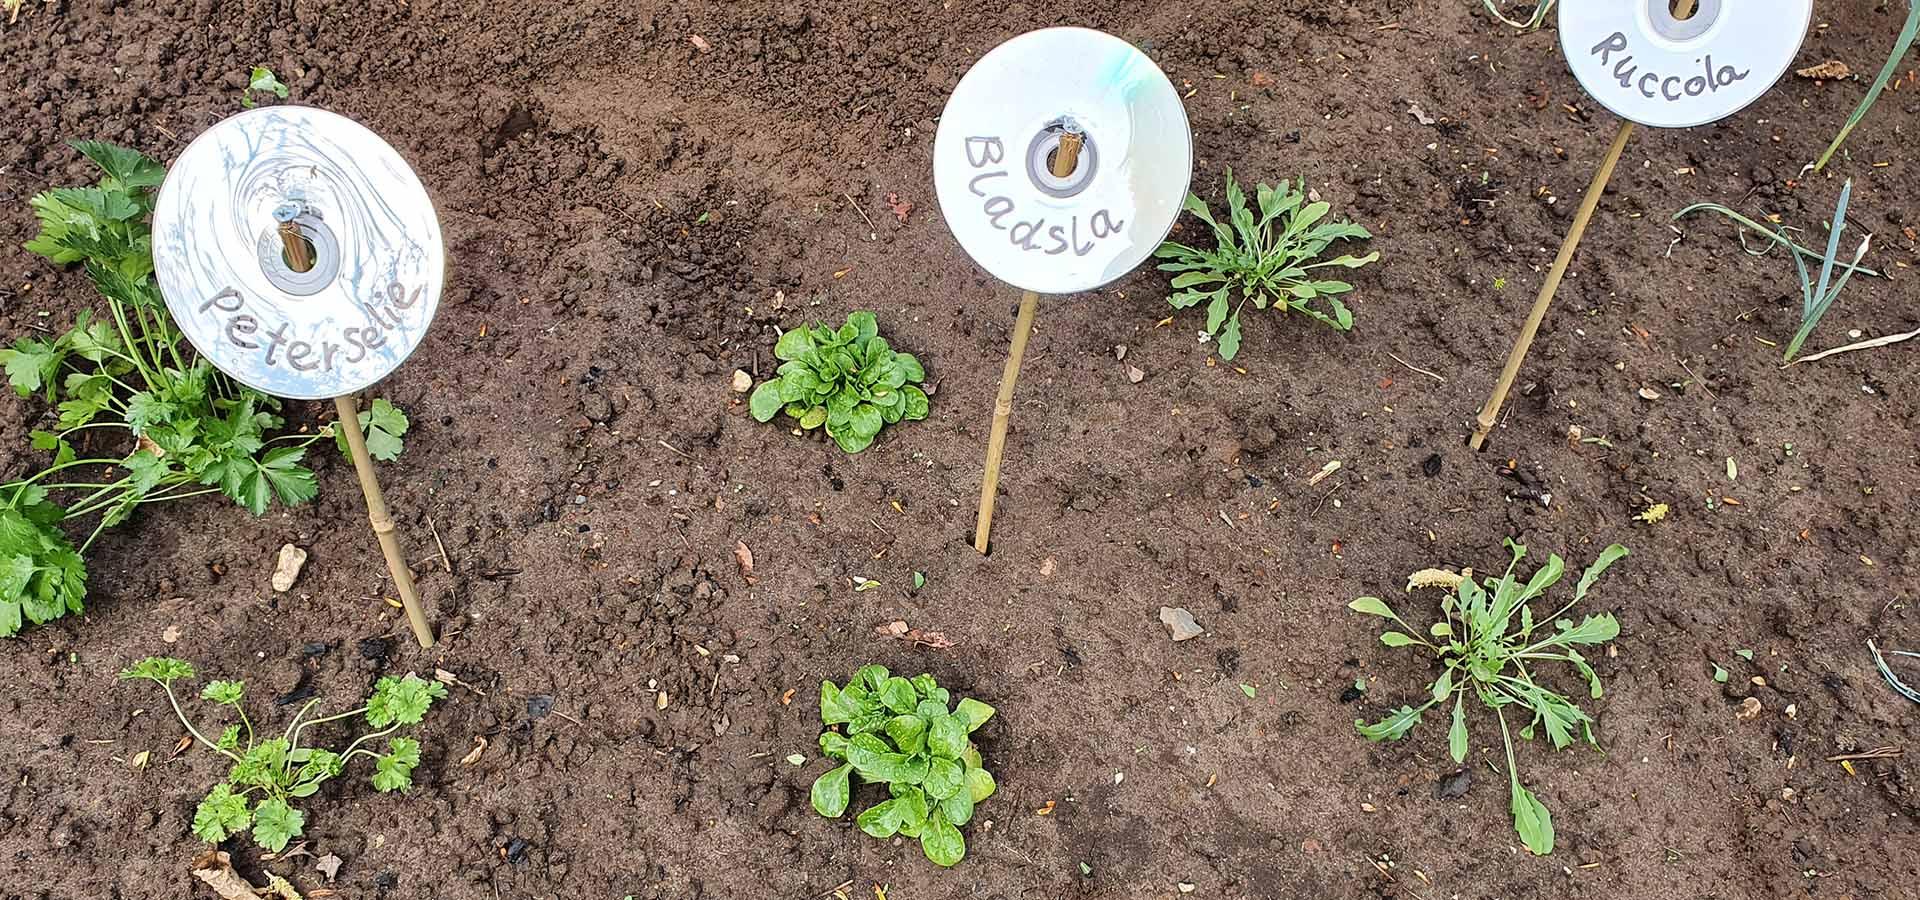 Header afbeelding zelfgemaakt plantenlabels | René Janssen